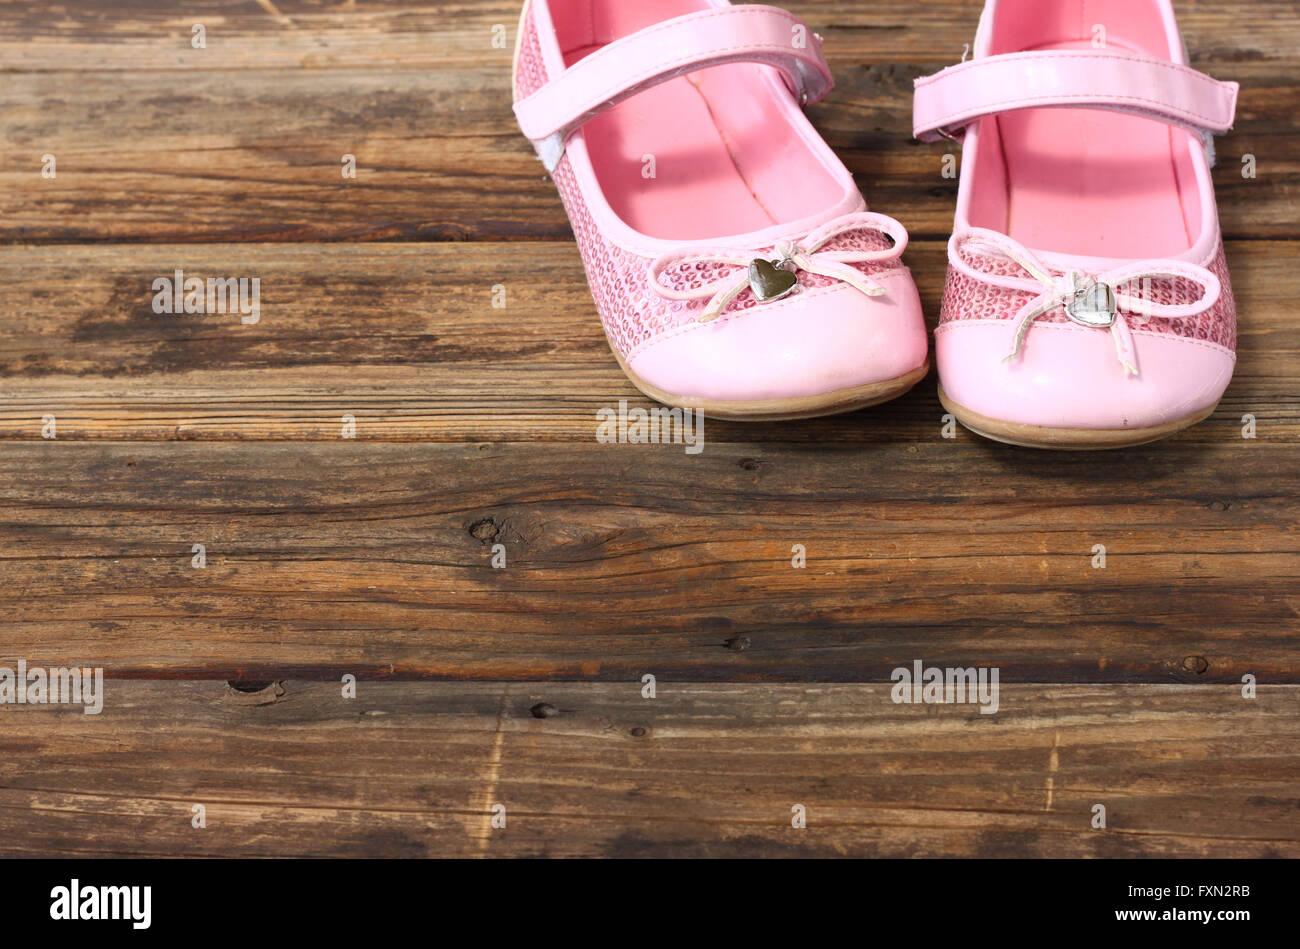 Zapatos niña sobre una plataforma de madera, piso. Imagen De Stock